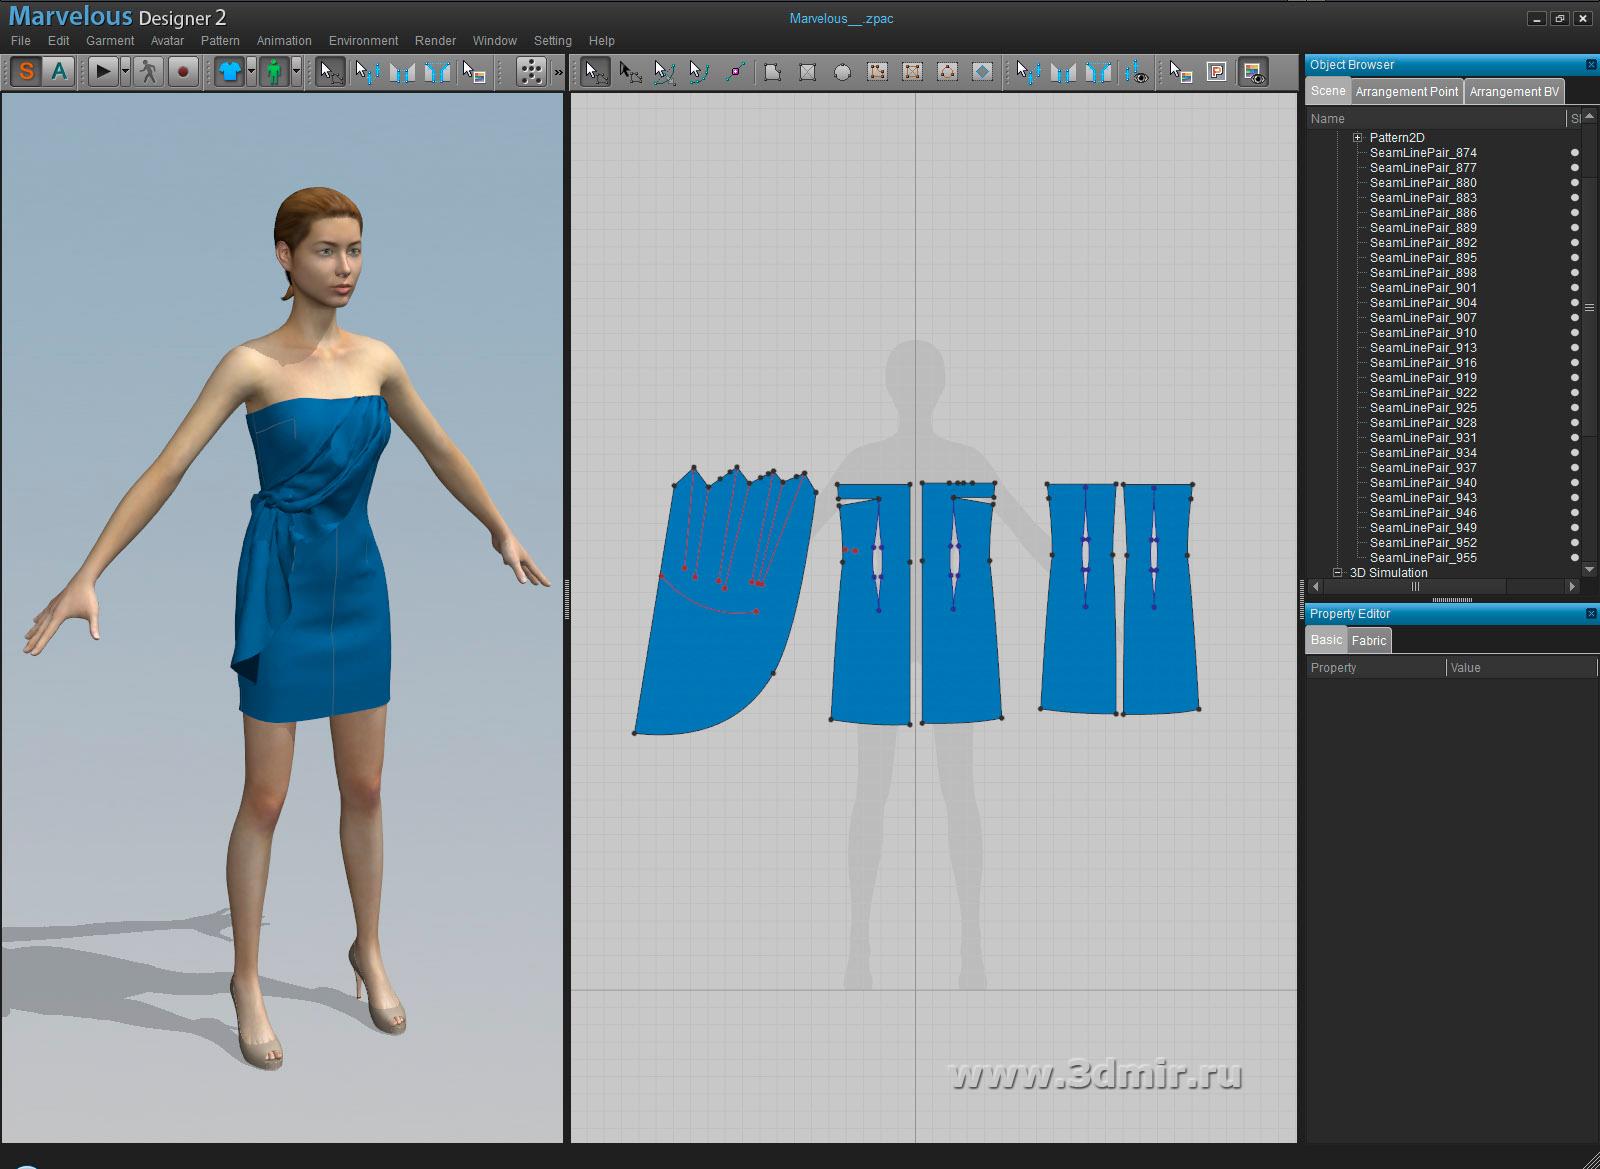 Marvelous designer clo3d 2011 pro + crack скачать бесплатно.